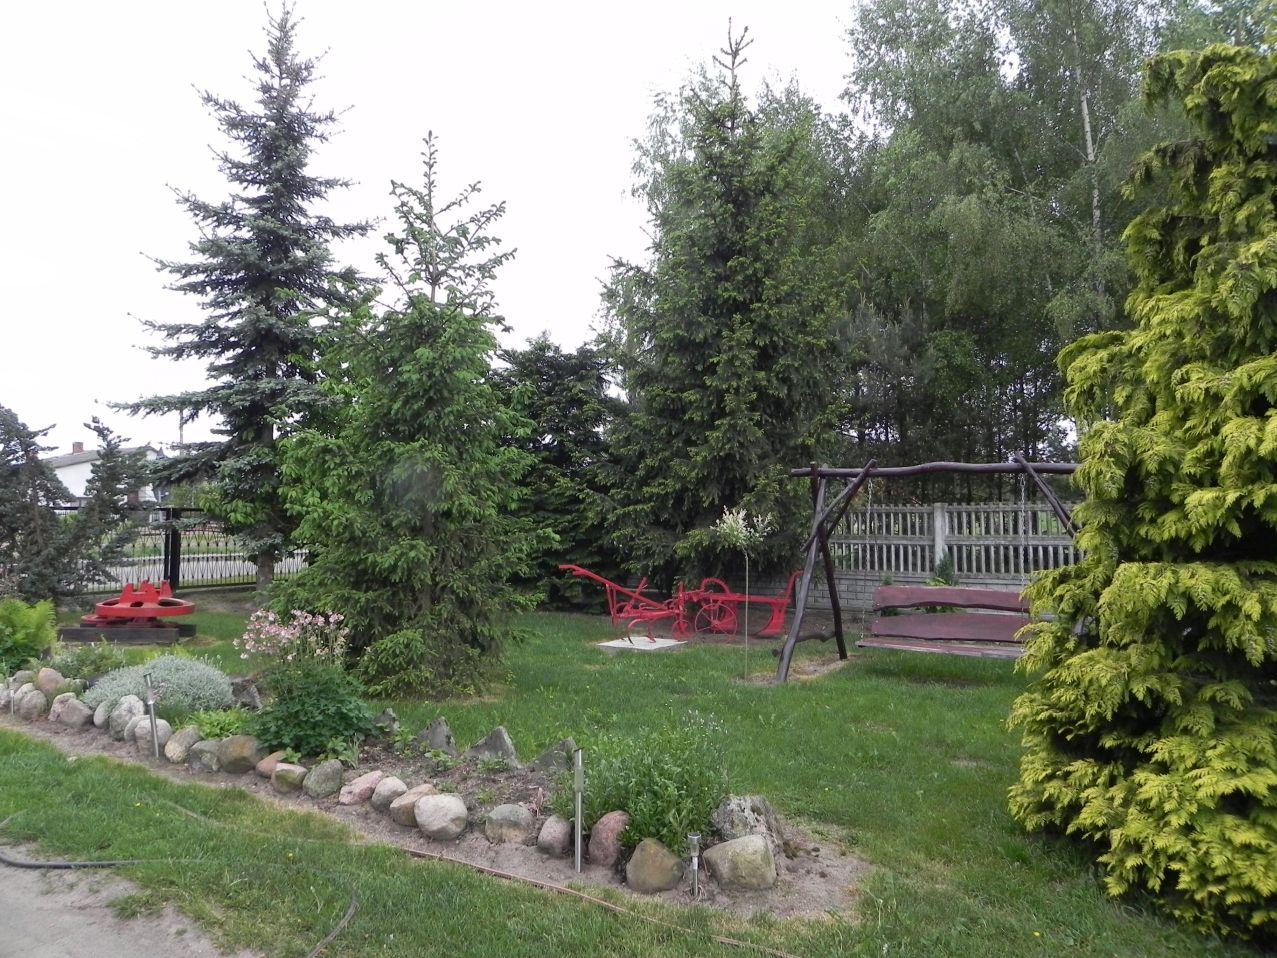 Galeria zdjęć Sochowej Zagrody - podwórko i przyroda (56)